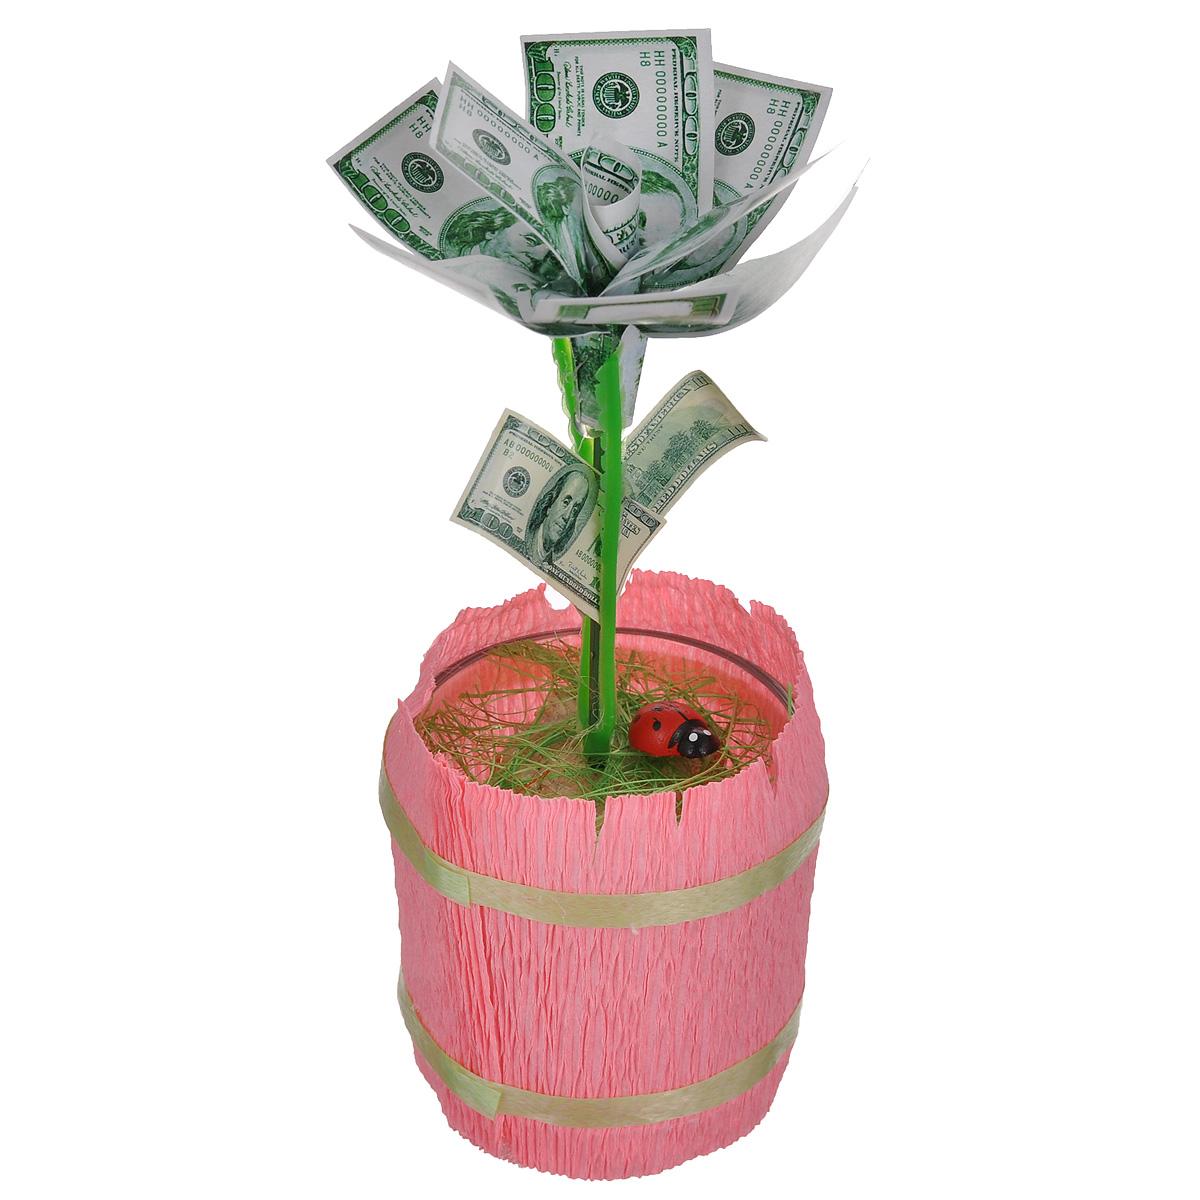 Денежный цветок Расцвет бизнеса. Доллары, цвет: розовый, зеленый, белый89968Настольная композиция Расцвет бизнеса. Доллары выполнена в виде симпатичного денежного цветка. На пластиковый стебель цветка насажены миниатюрные купюры достоинством в 100 долларов. Цветок закреплен в стеклянном стакане-горшочке, оформленном гофрированной бумагой. У основания цветка расположена забавная божья коровка. Такой симпатичный денежный цветок будет отличным подарком к любому случаю! Высота цветка: 14 см. Диаметр цветка: 6 см.